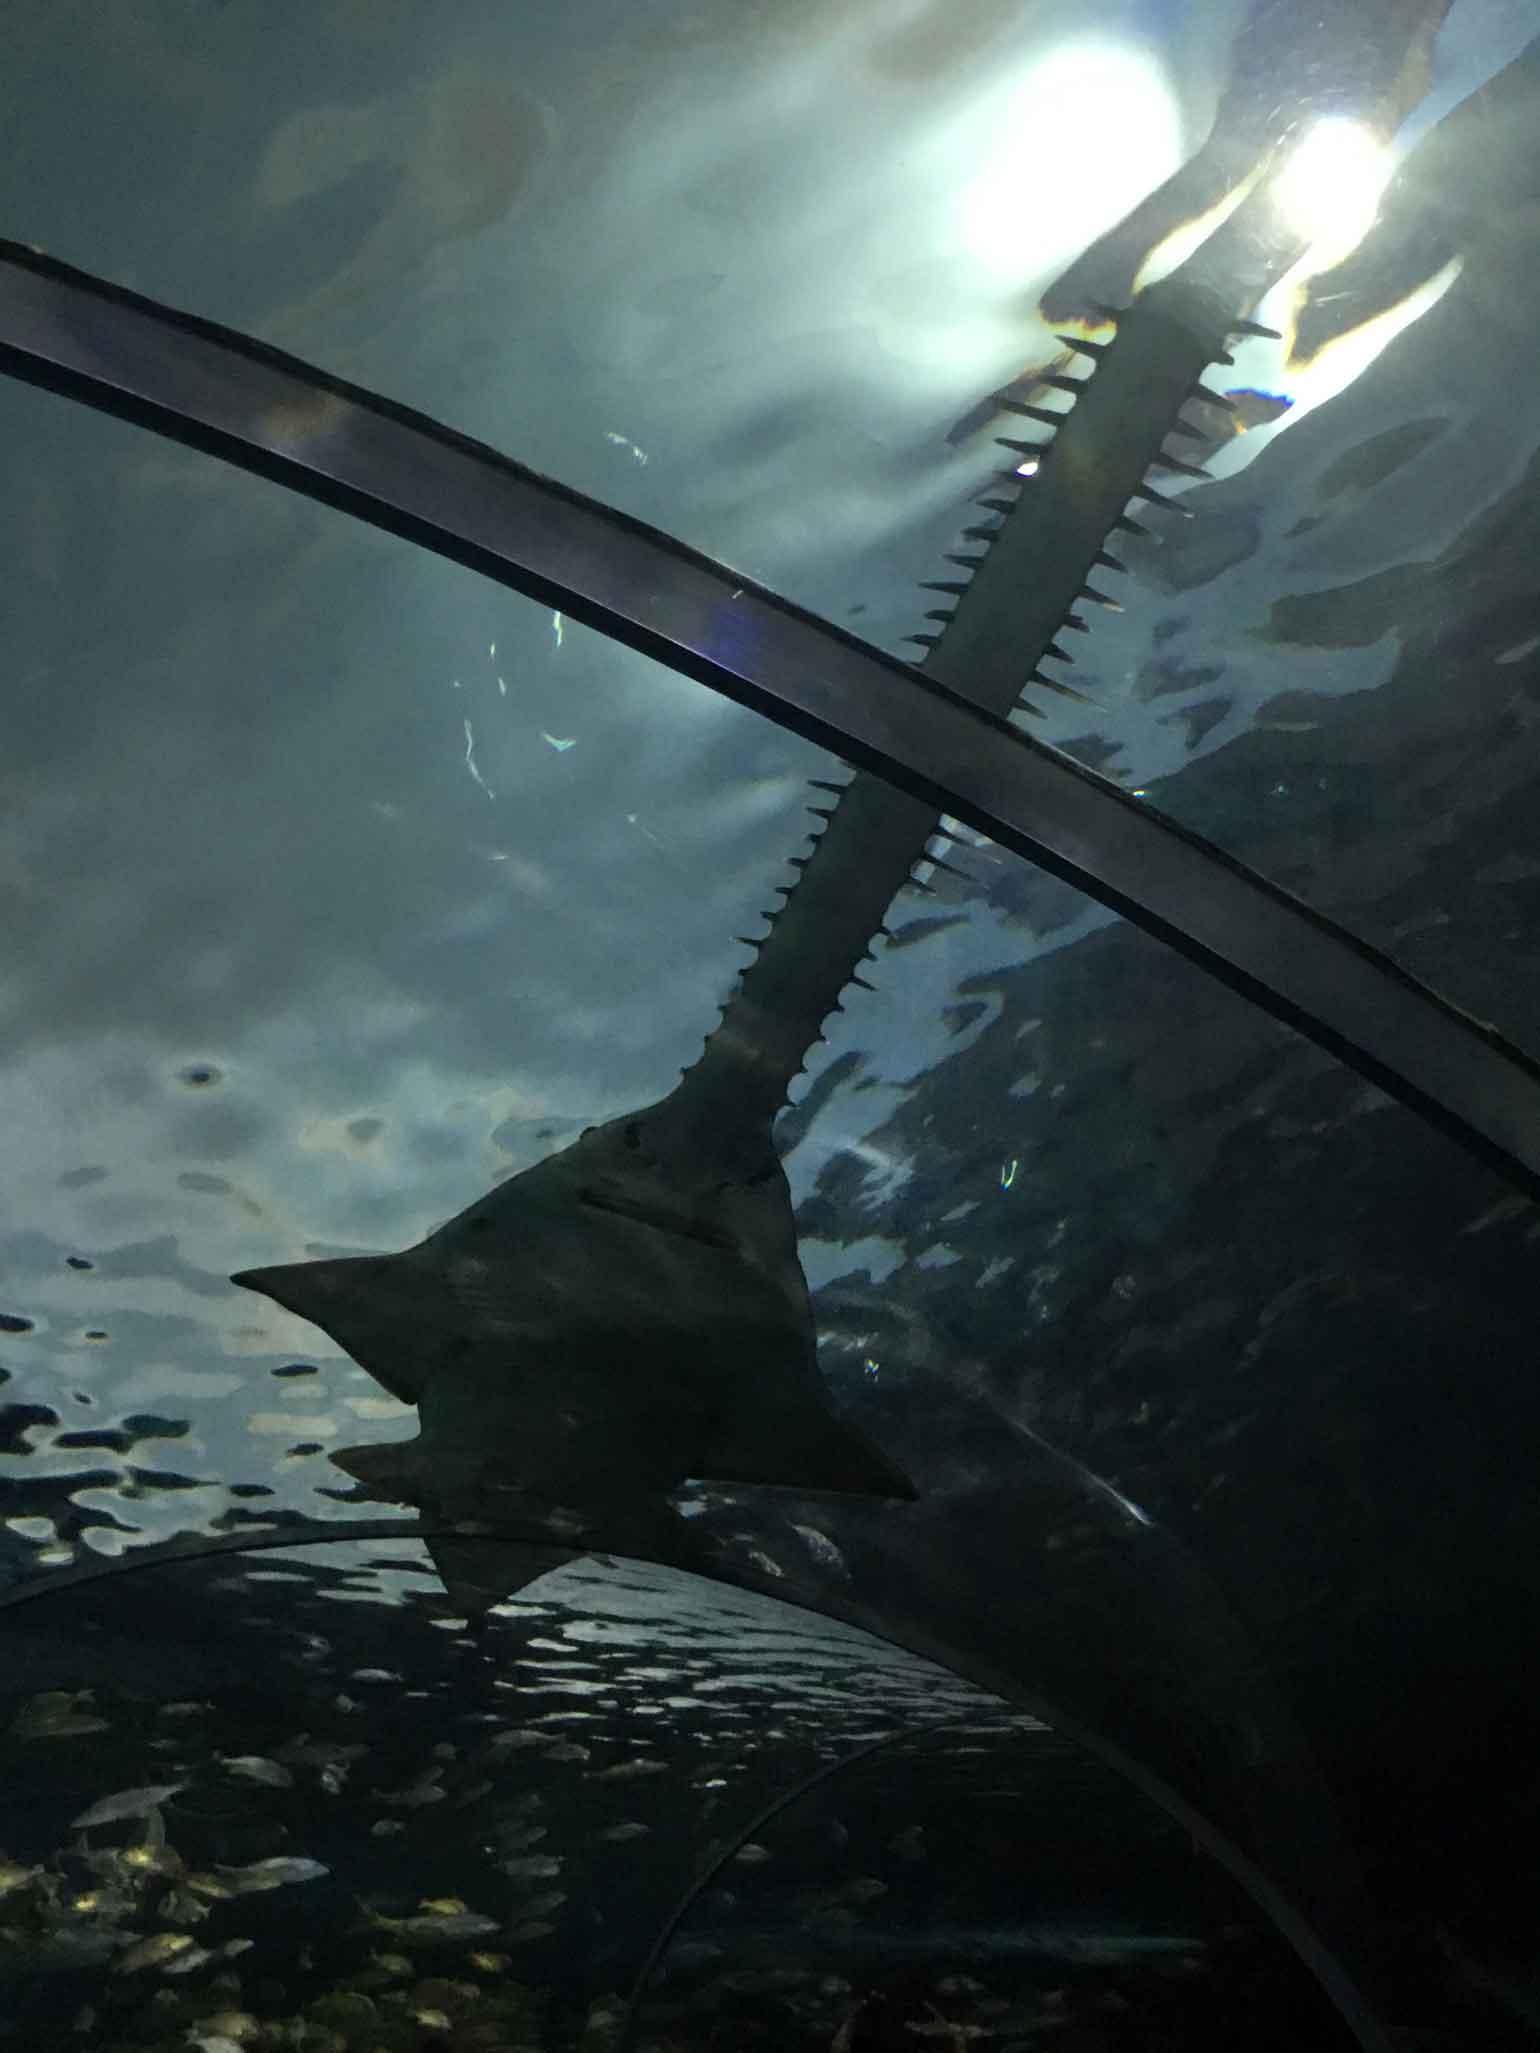 ノコギリザメのノコギリは思っていた以上に『鋸』だと判明